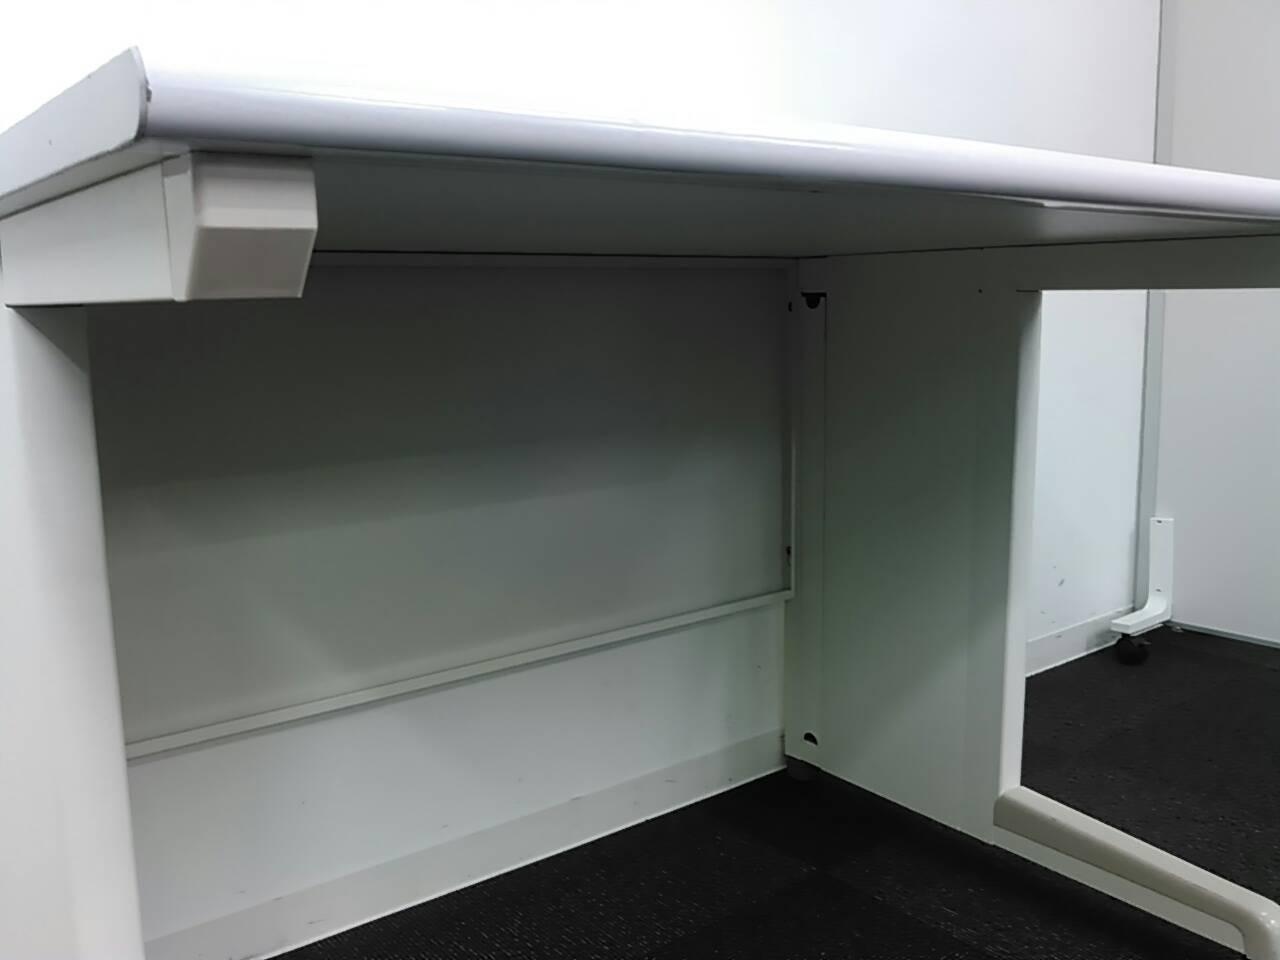 オフィスバスターズのオリジナル商品を作っちゃいました!1200mm平机・センター引き出しなし【ホワイトドラゴン】|ビジネスデスク